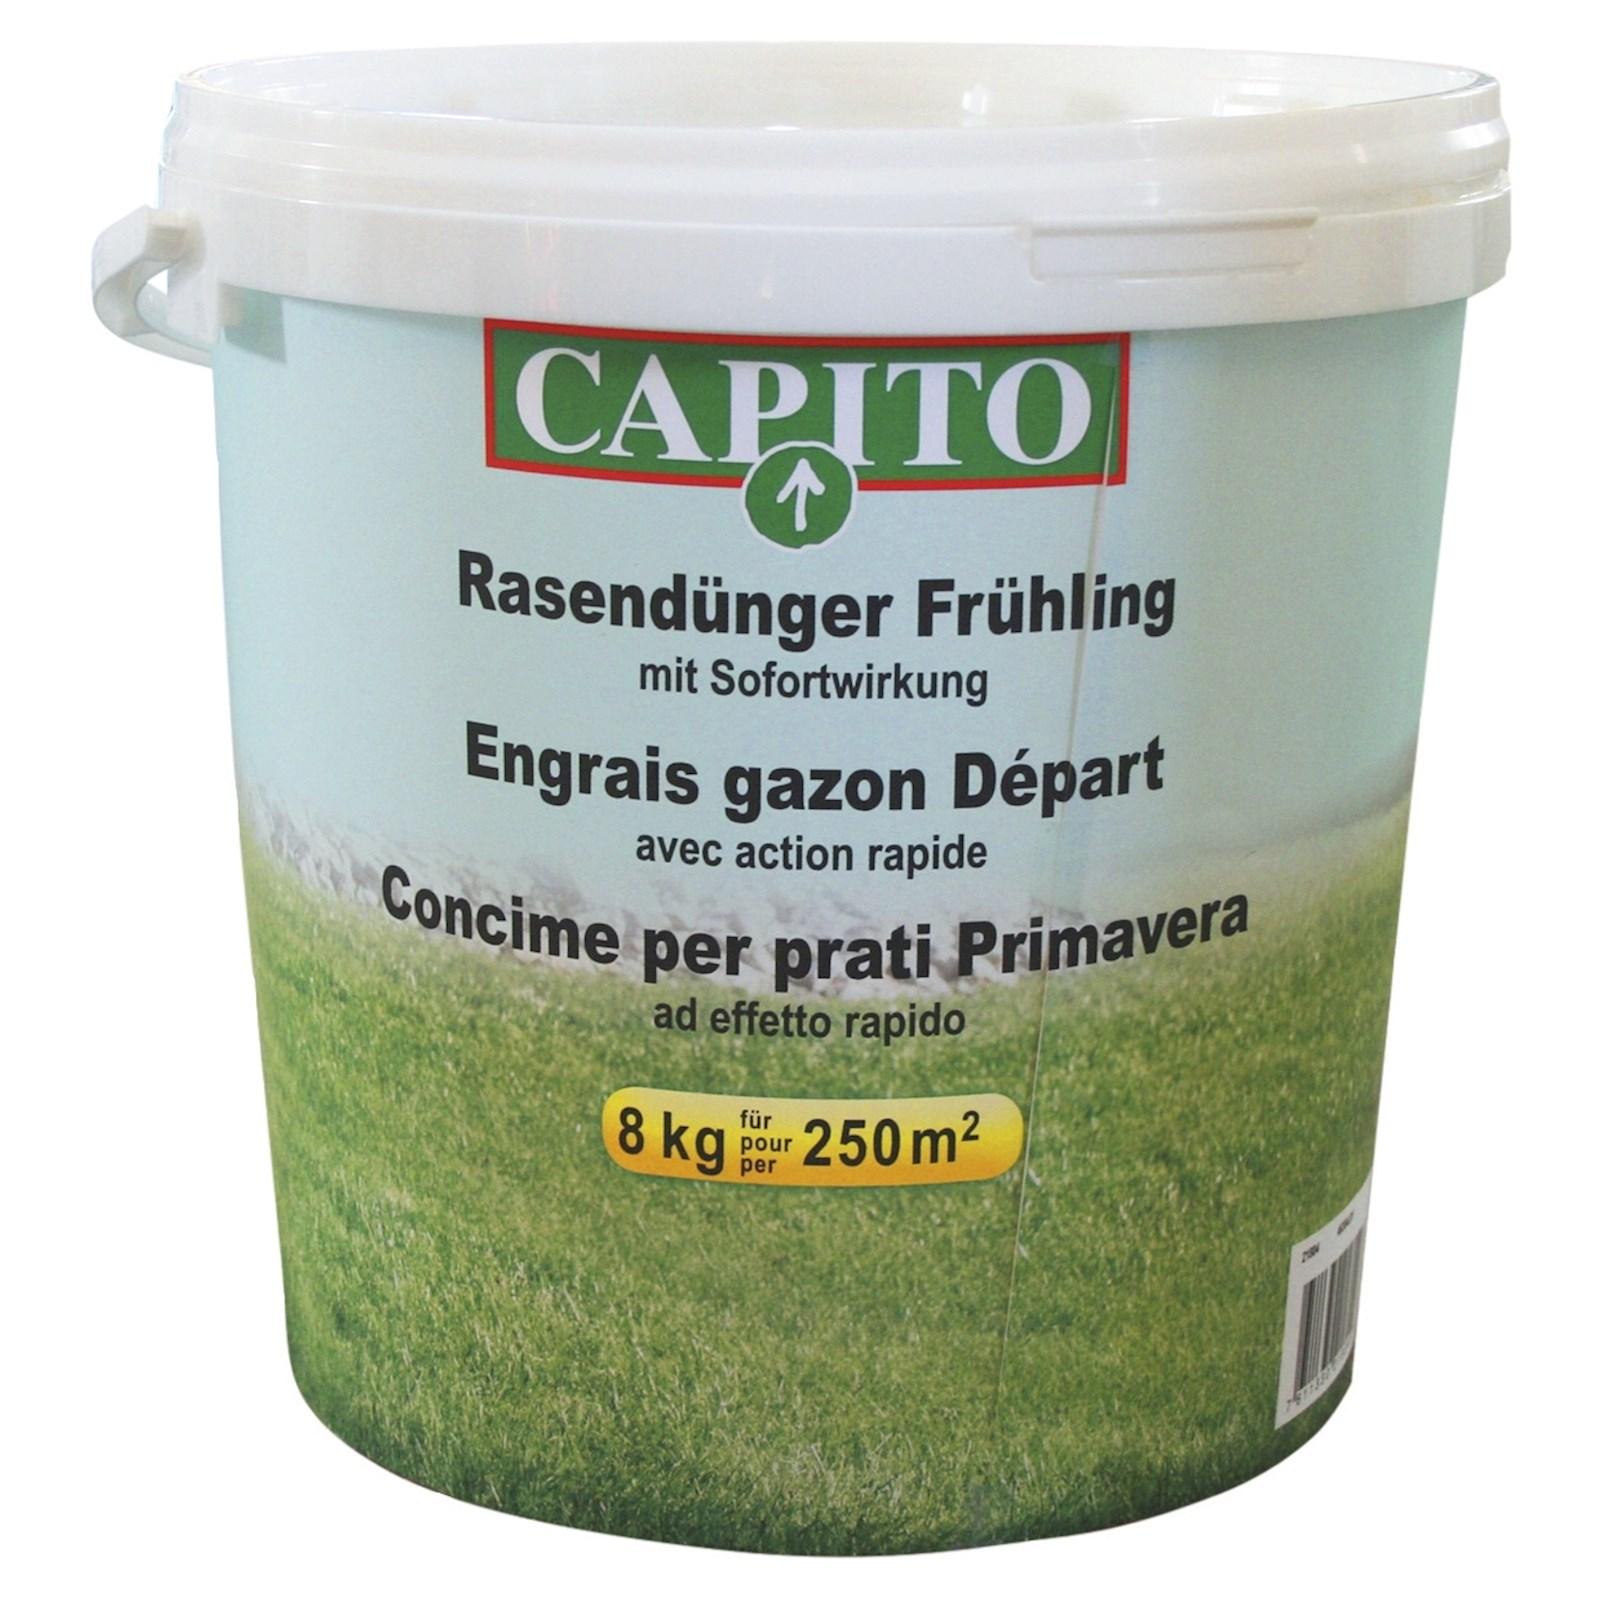 Rasendünger Kessel Capito 8 kg - Rasendünger - LANDI